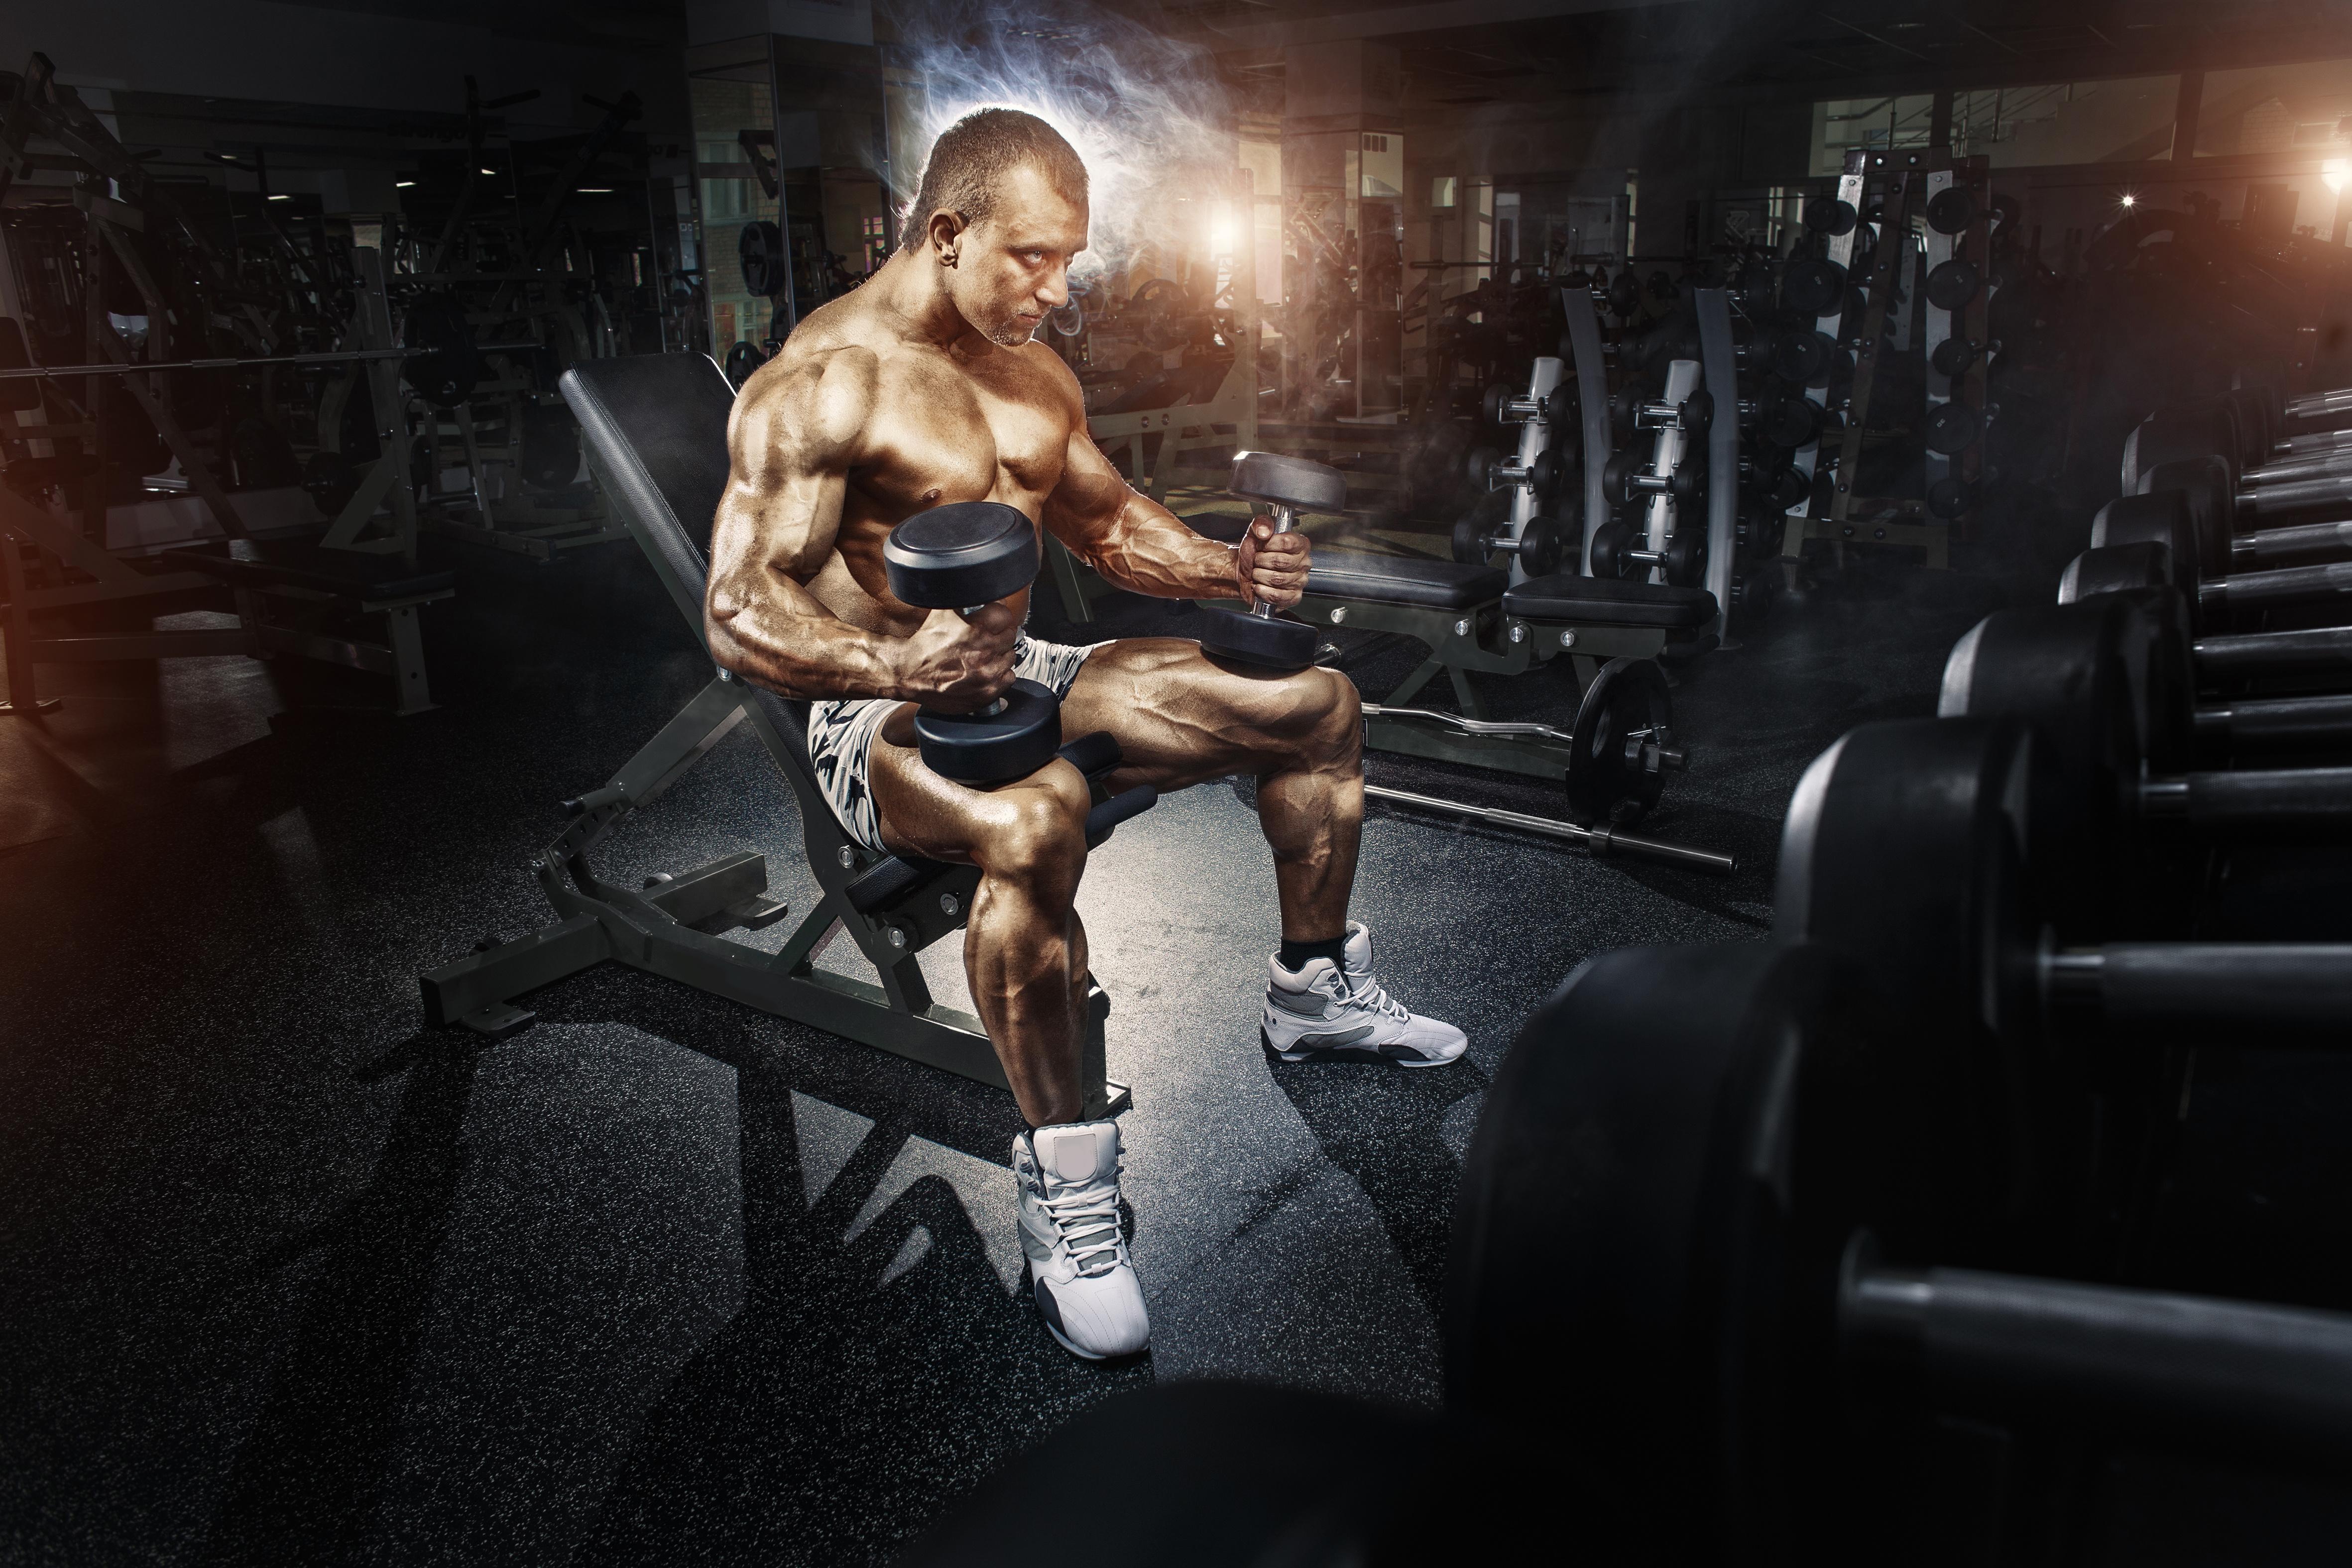 50 sett til feiling per muskelgruppe per uke, for å maksimere muskelvekst?